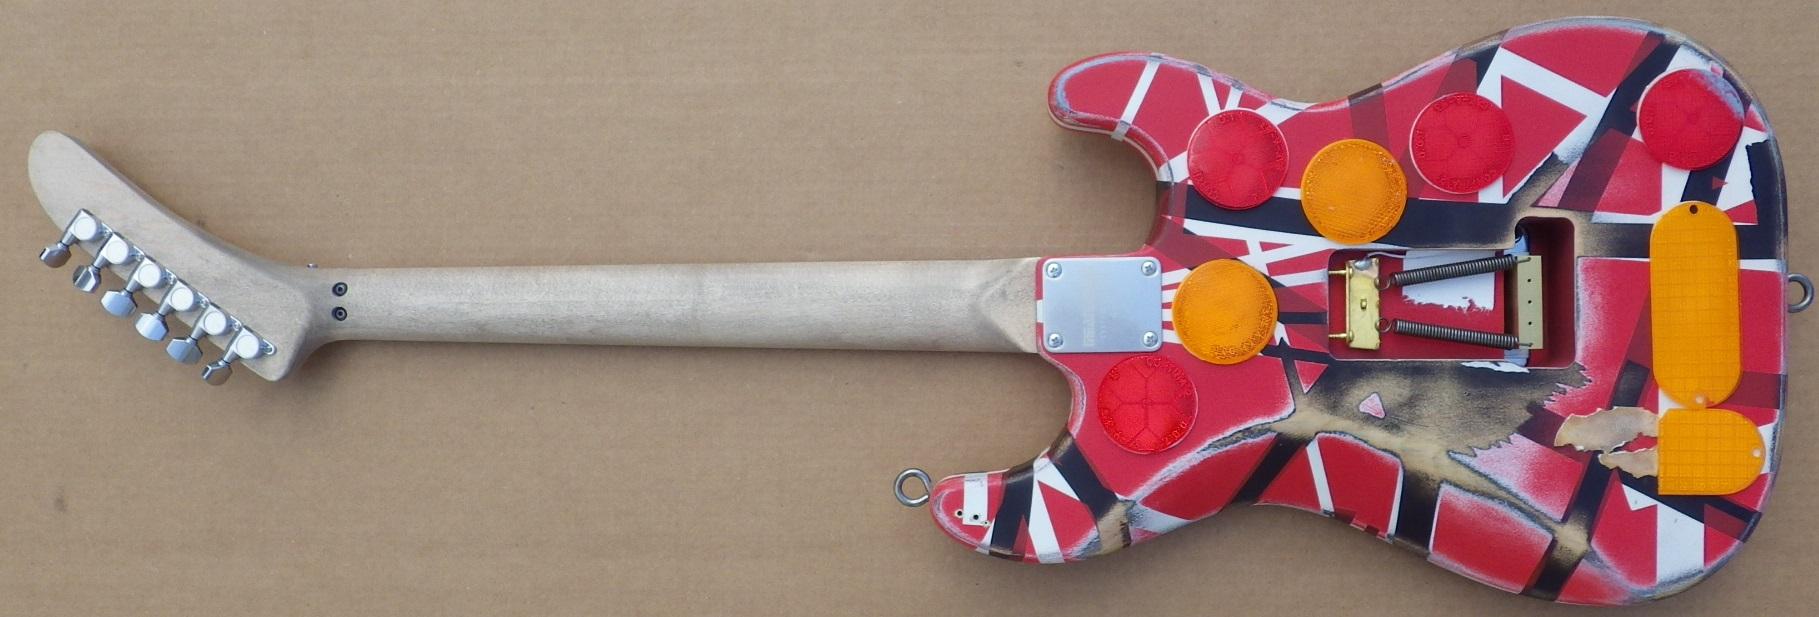 Mean Street Tour Model Franky banana hdstk left handed Juan D pic 5.jpg